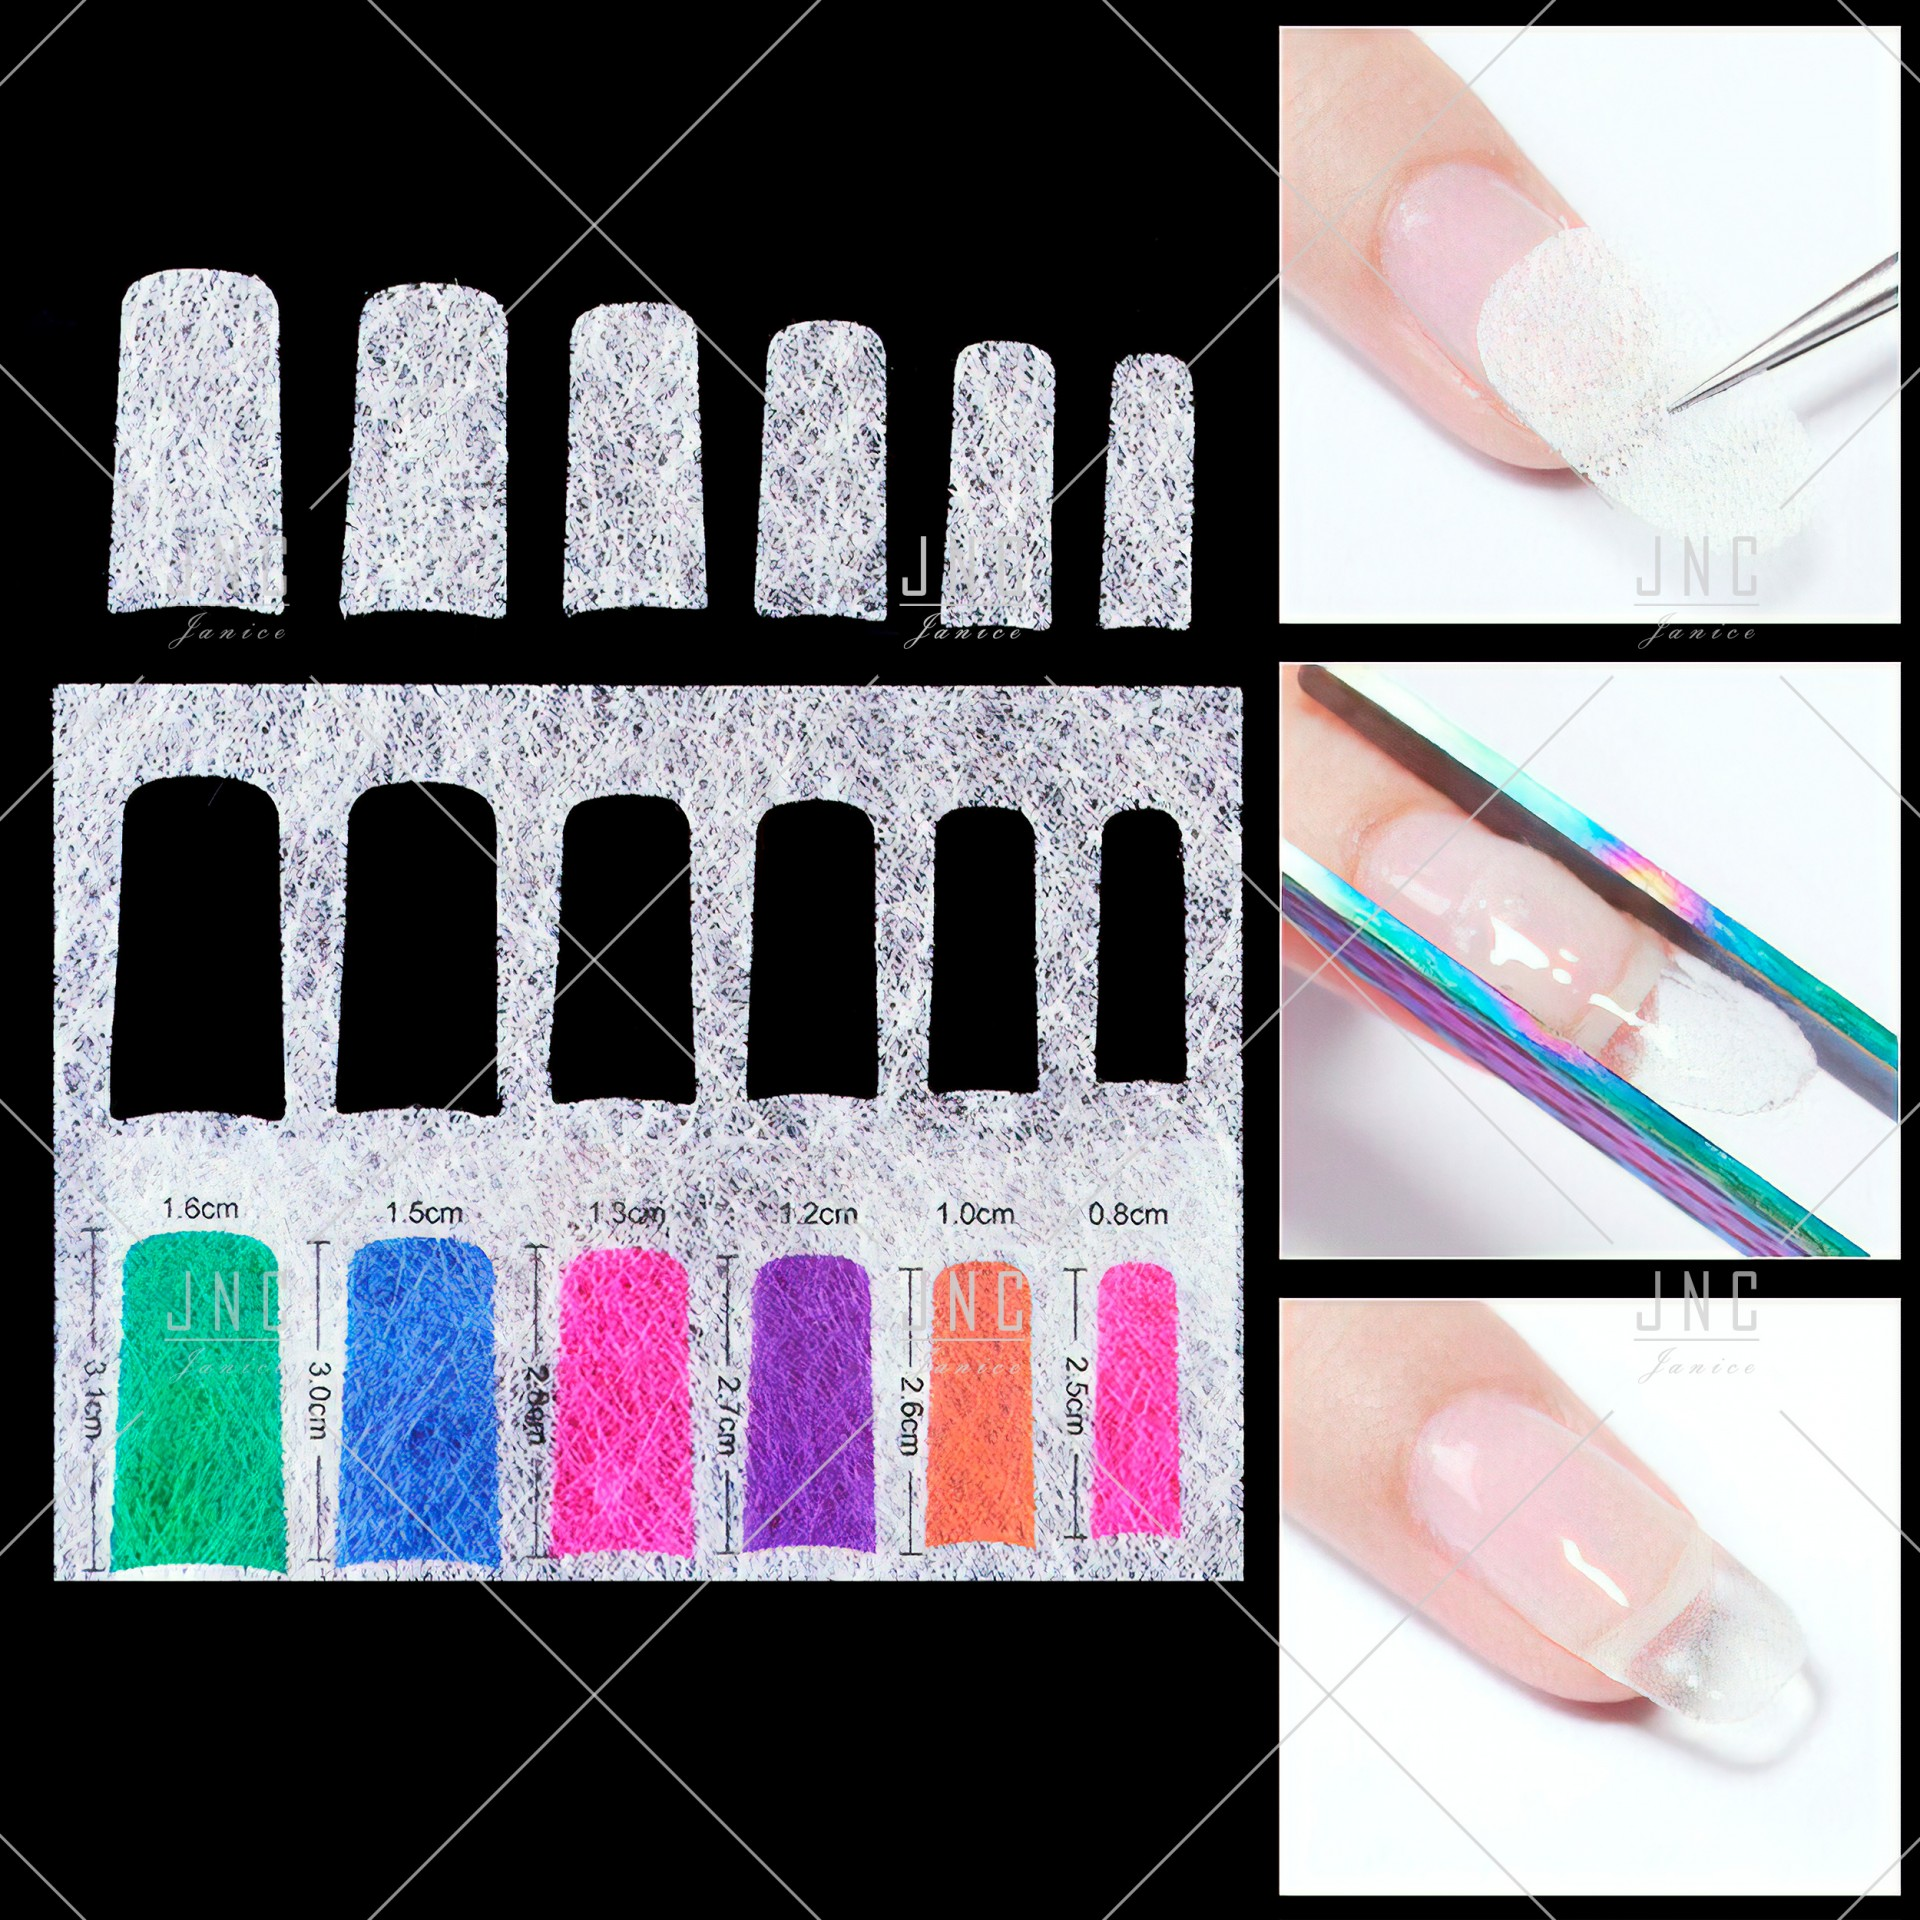 Extensão de unhas em Fibra de Vidro | Ref.861919